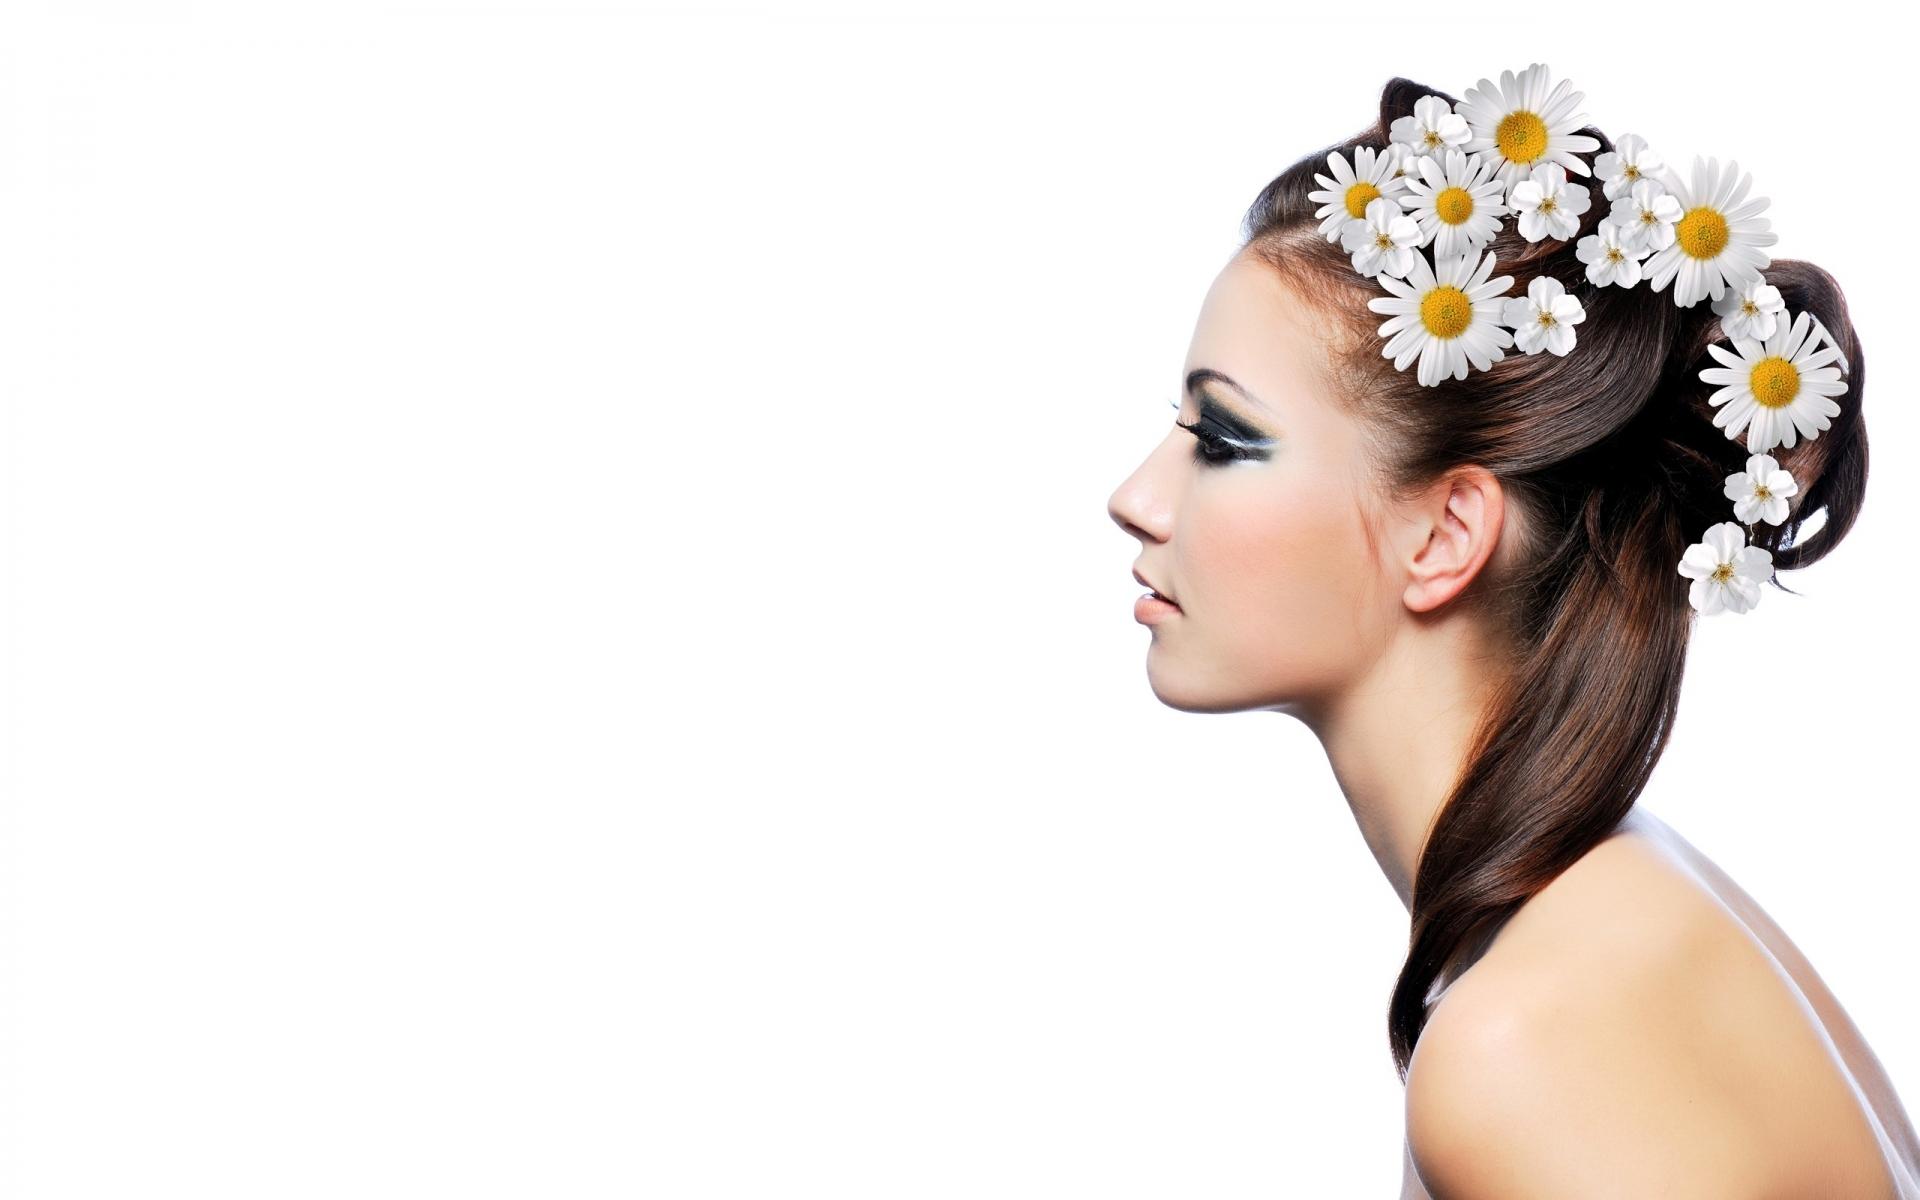 Peinado con flores , 1920x1200